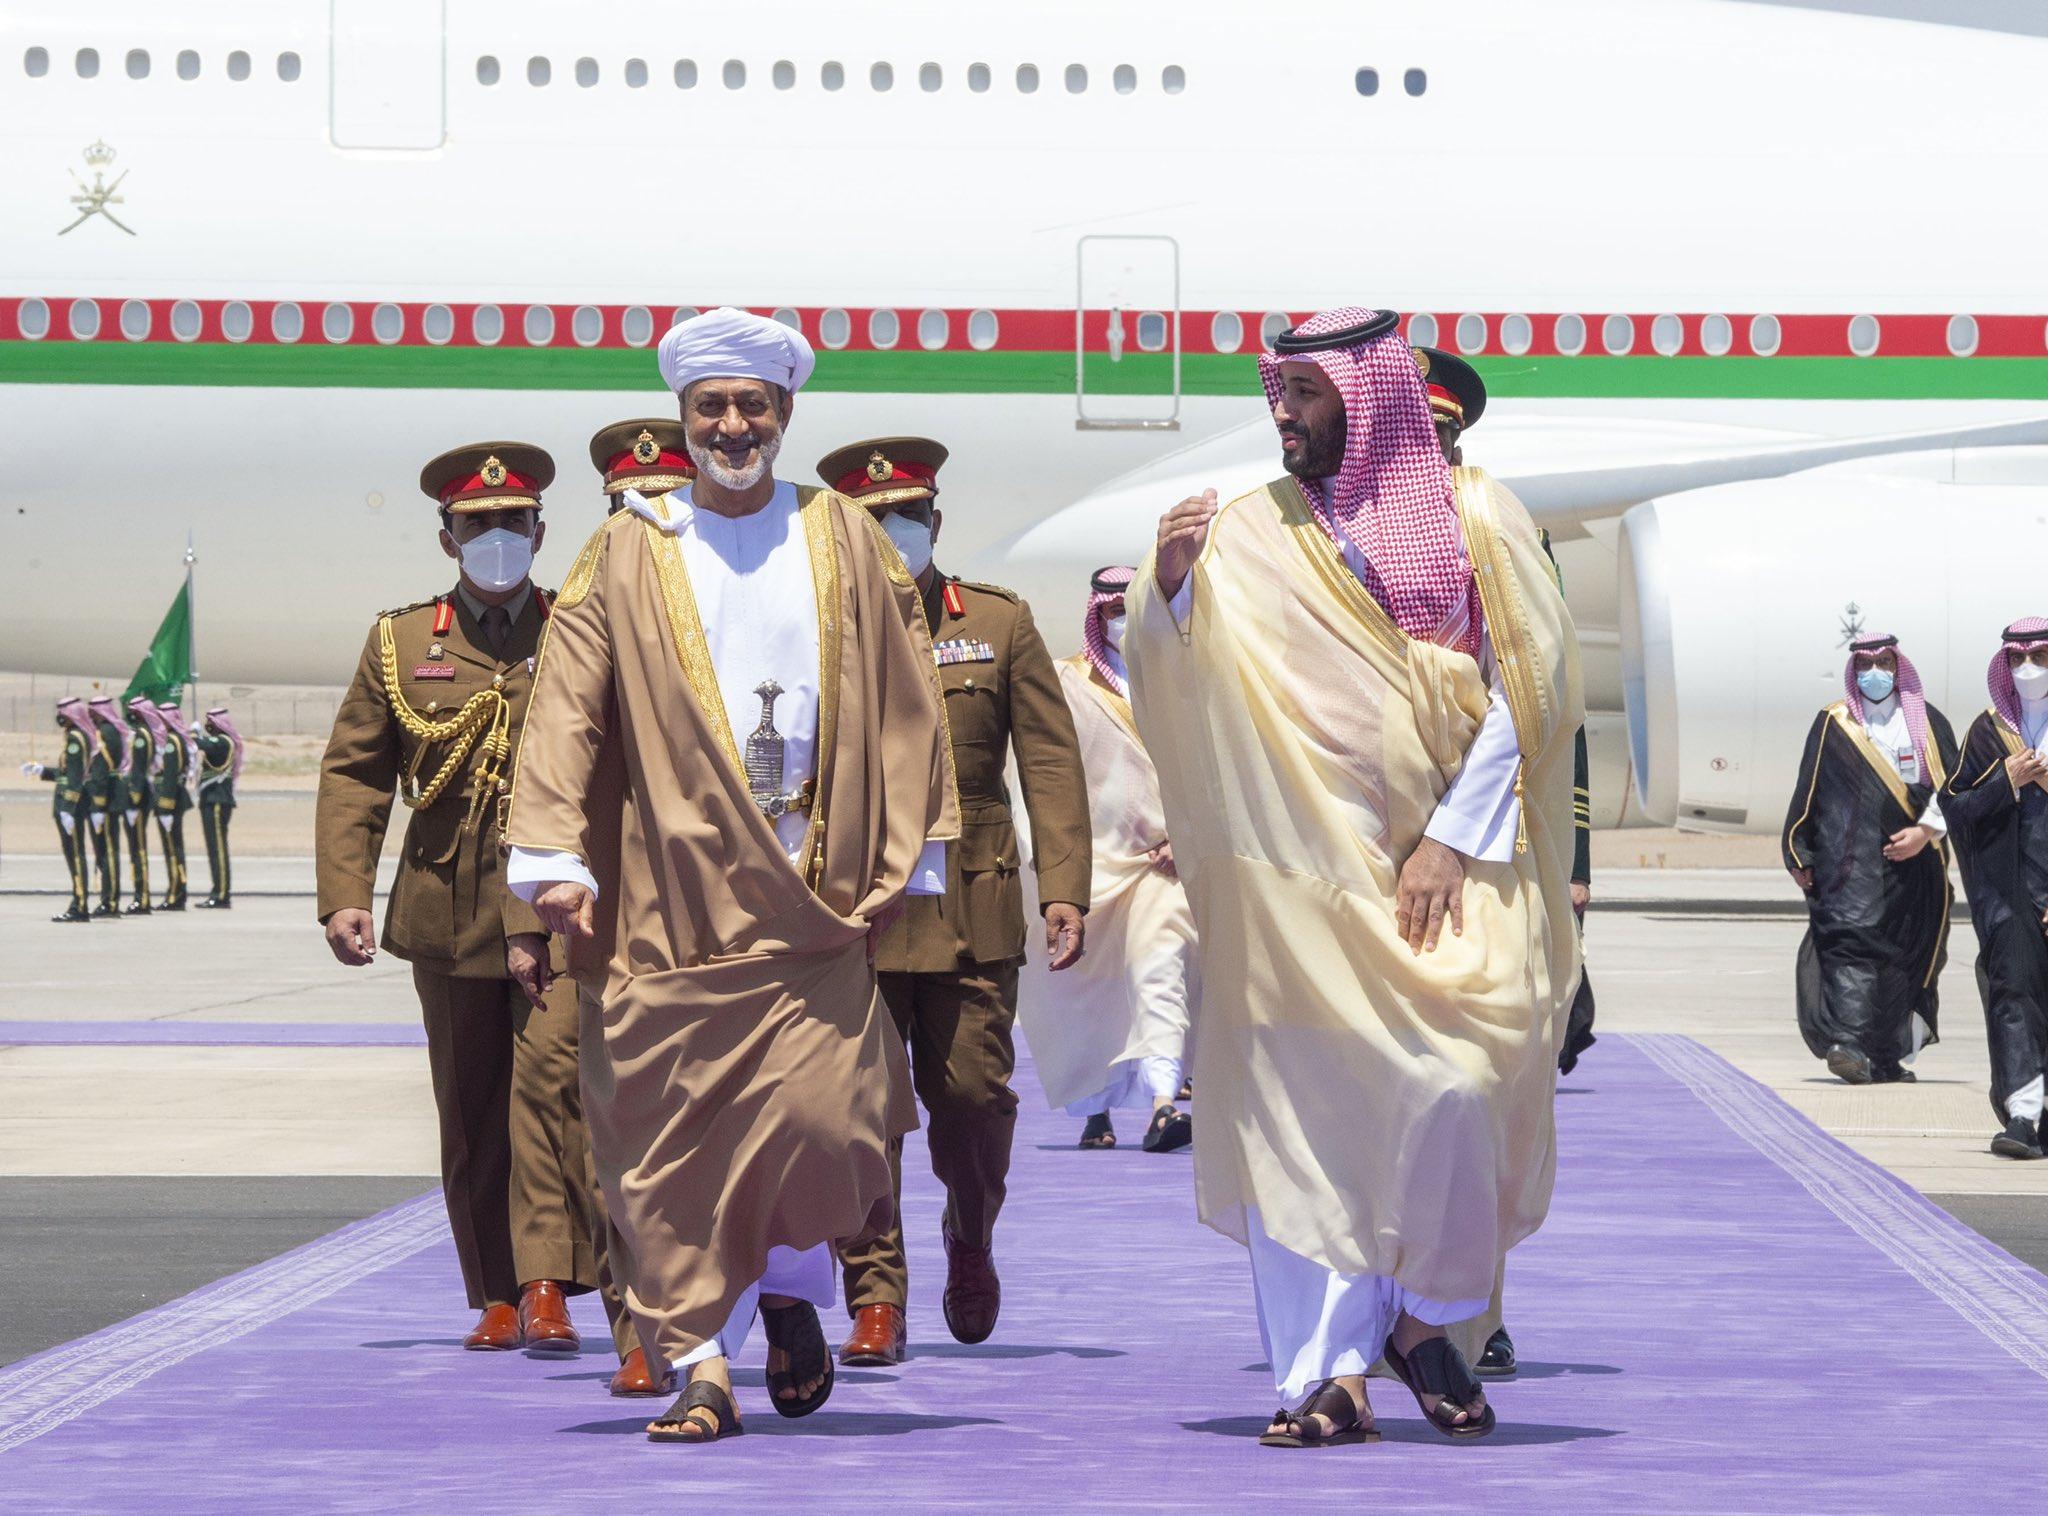 العلاقات العمانية السعودية تتجه إلى مستويات جديدة بعد الزيارة التاريخية للسلطان هيثم بن طارق الى المملكة